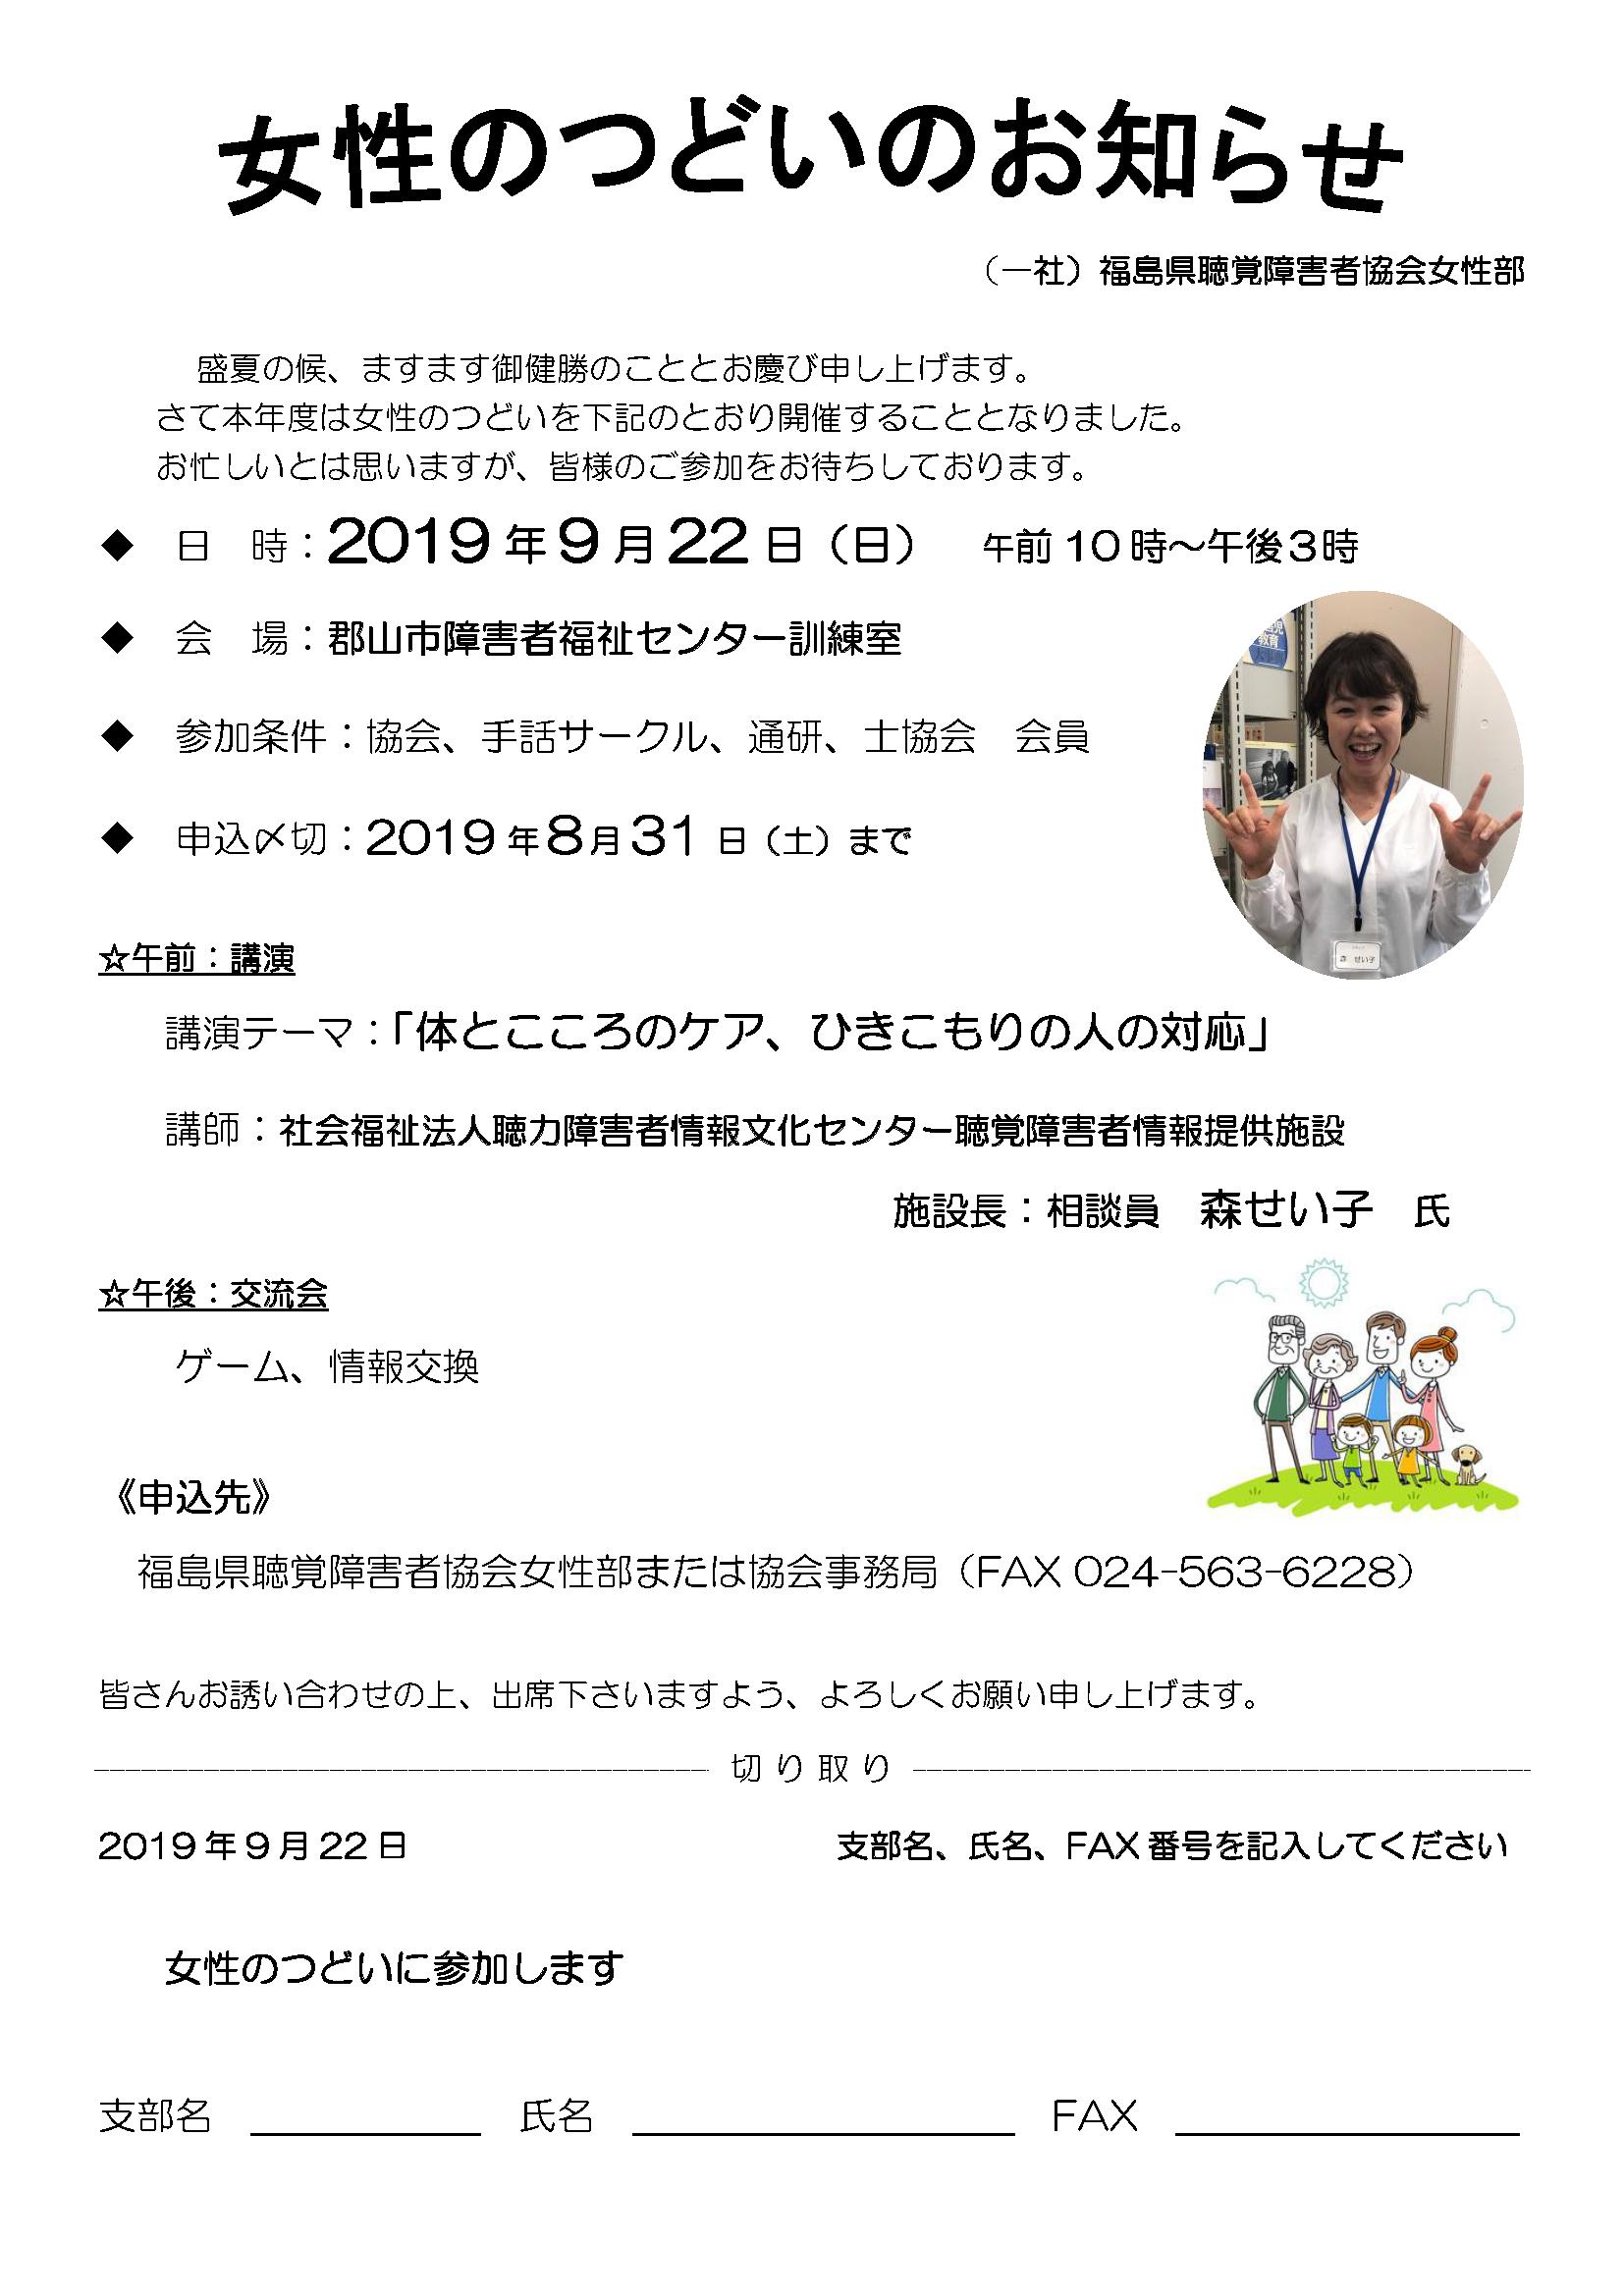 行事案内‐福島県聴覚障害者情報支援センター